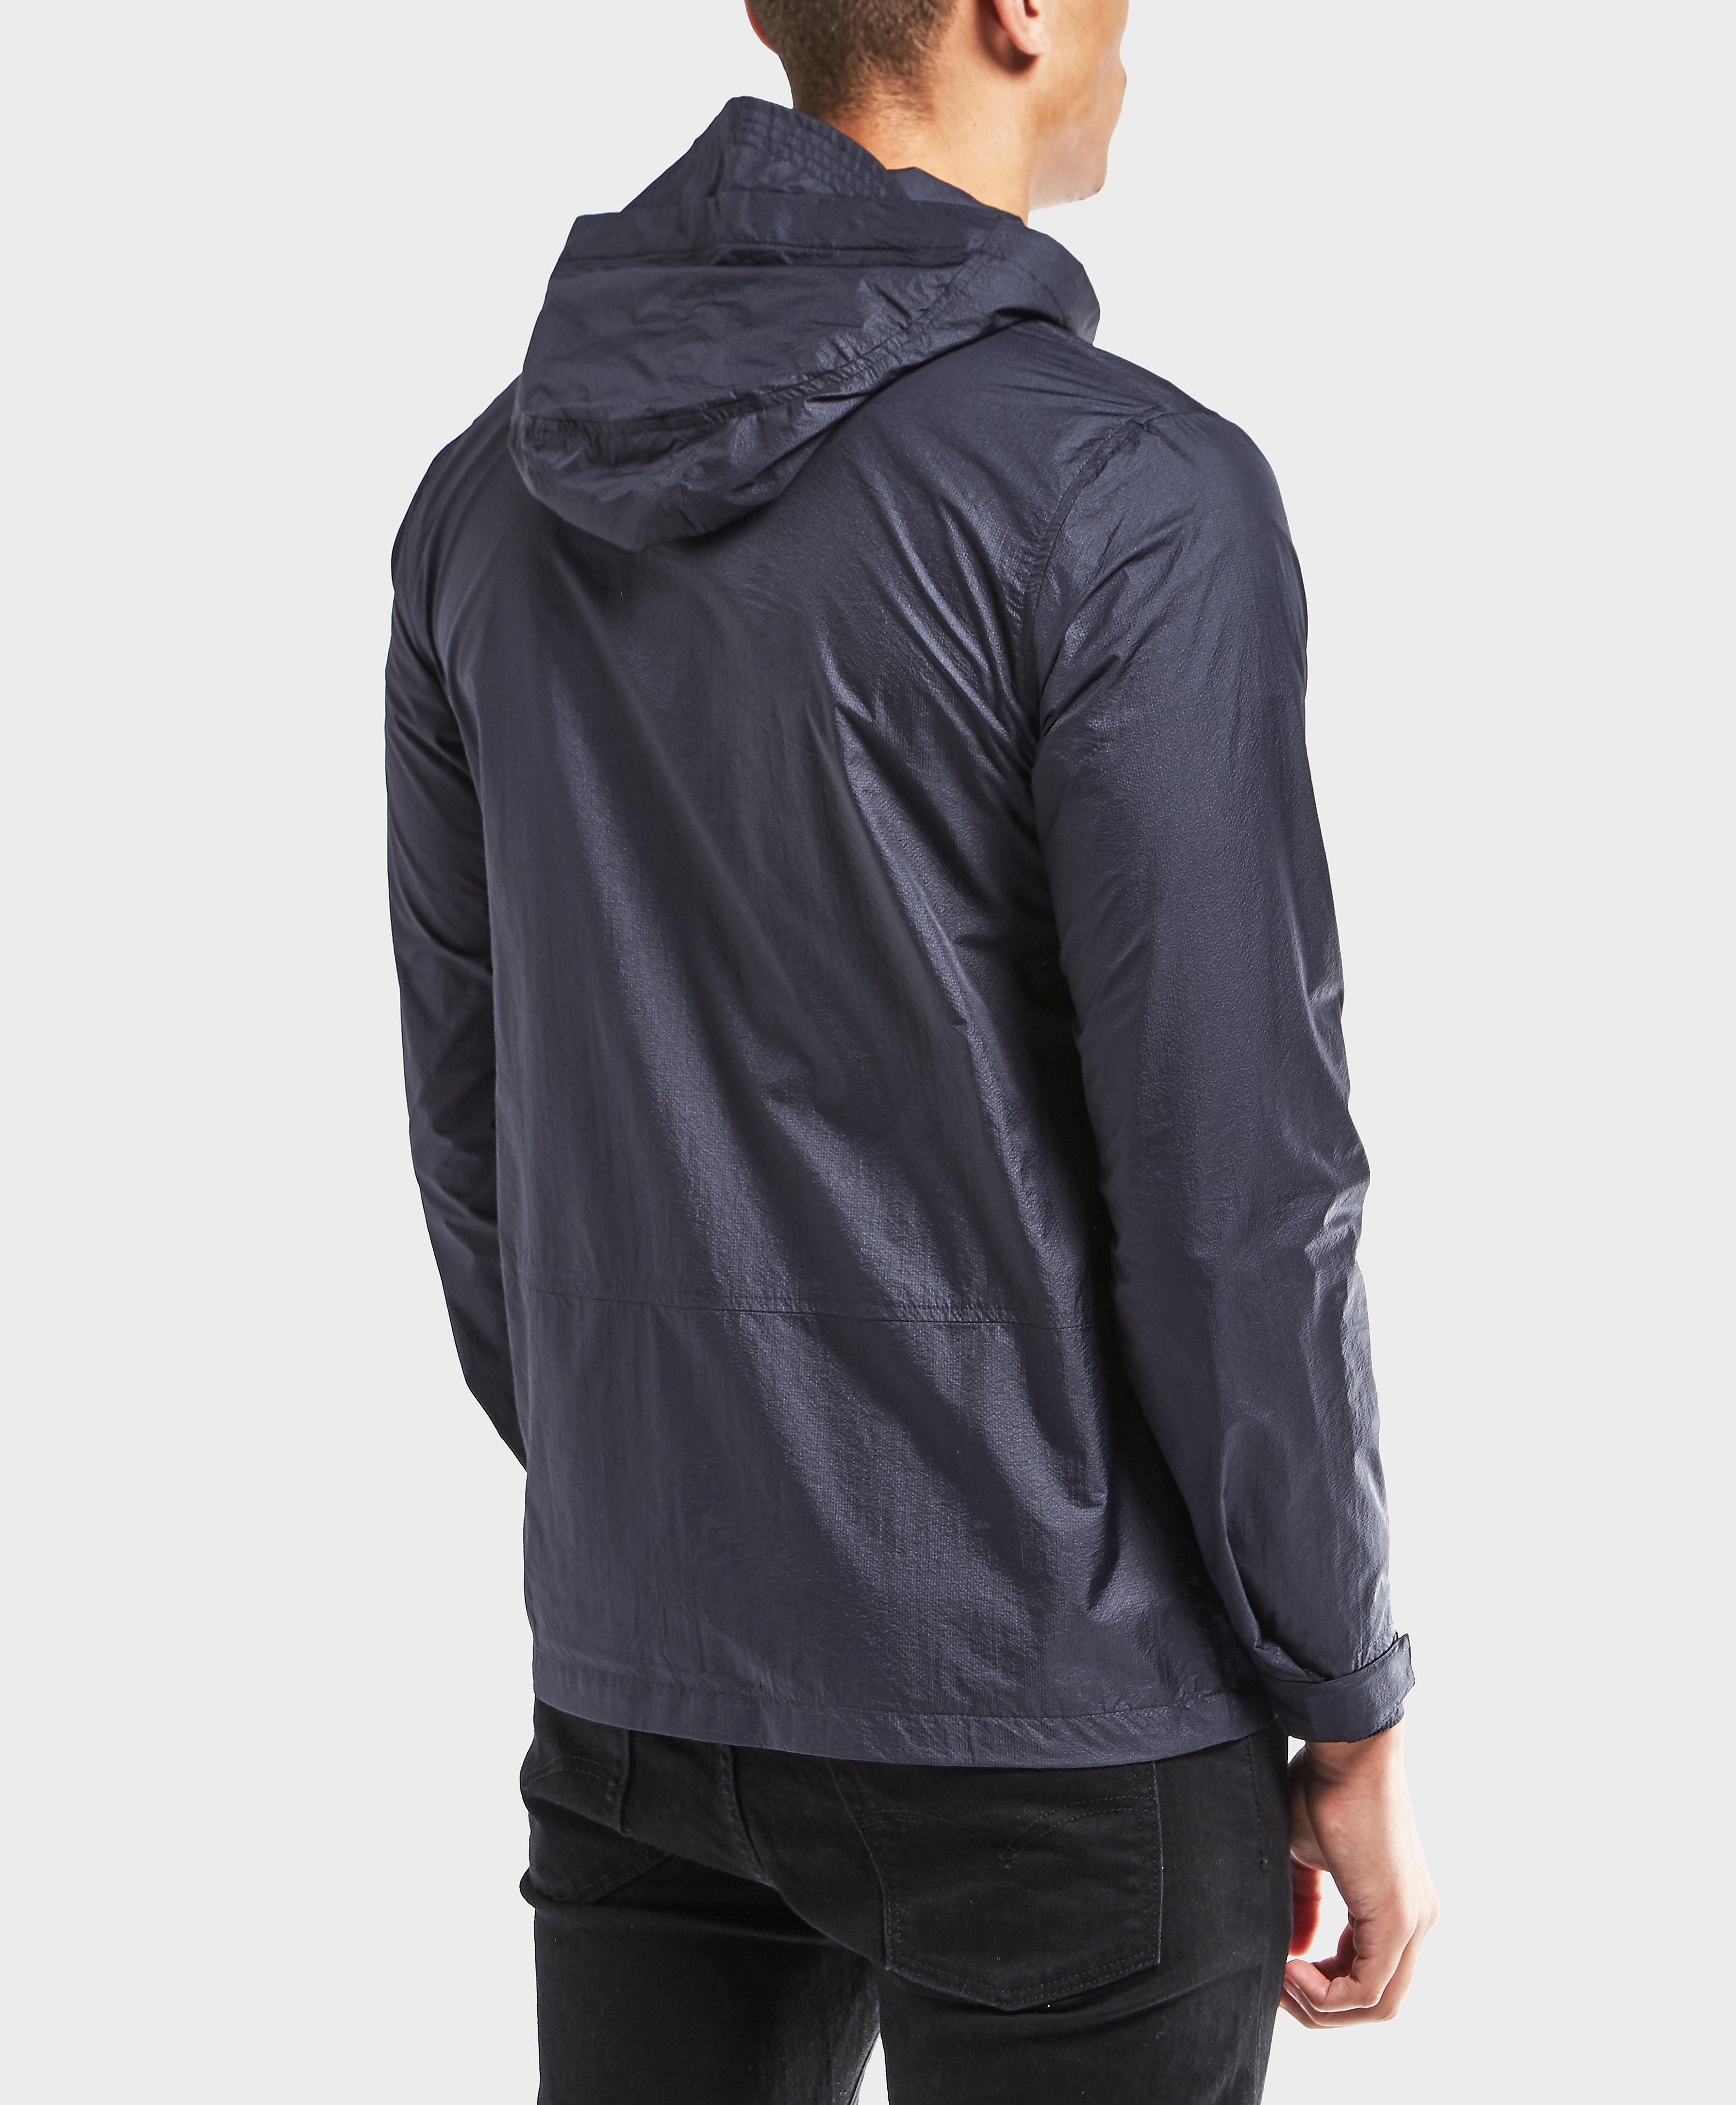 Marshall Artist Hooded Light Jacket